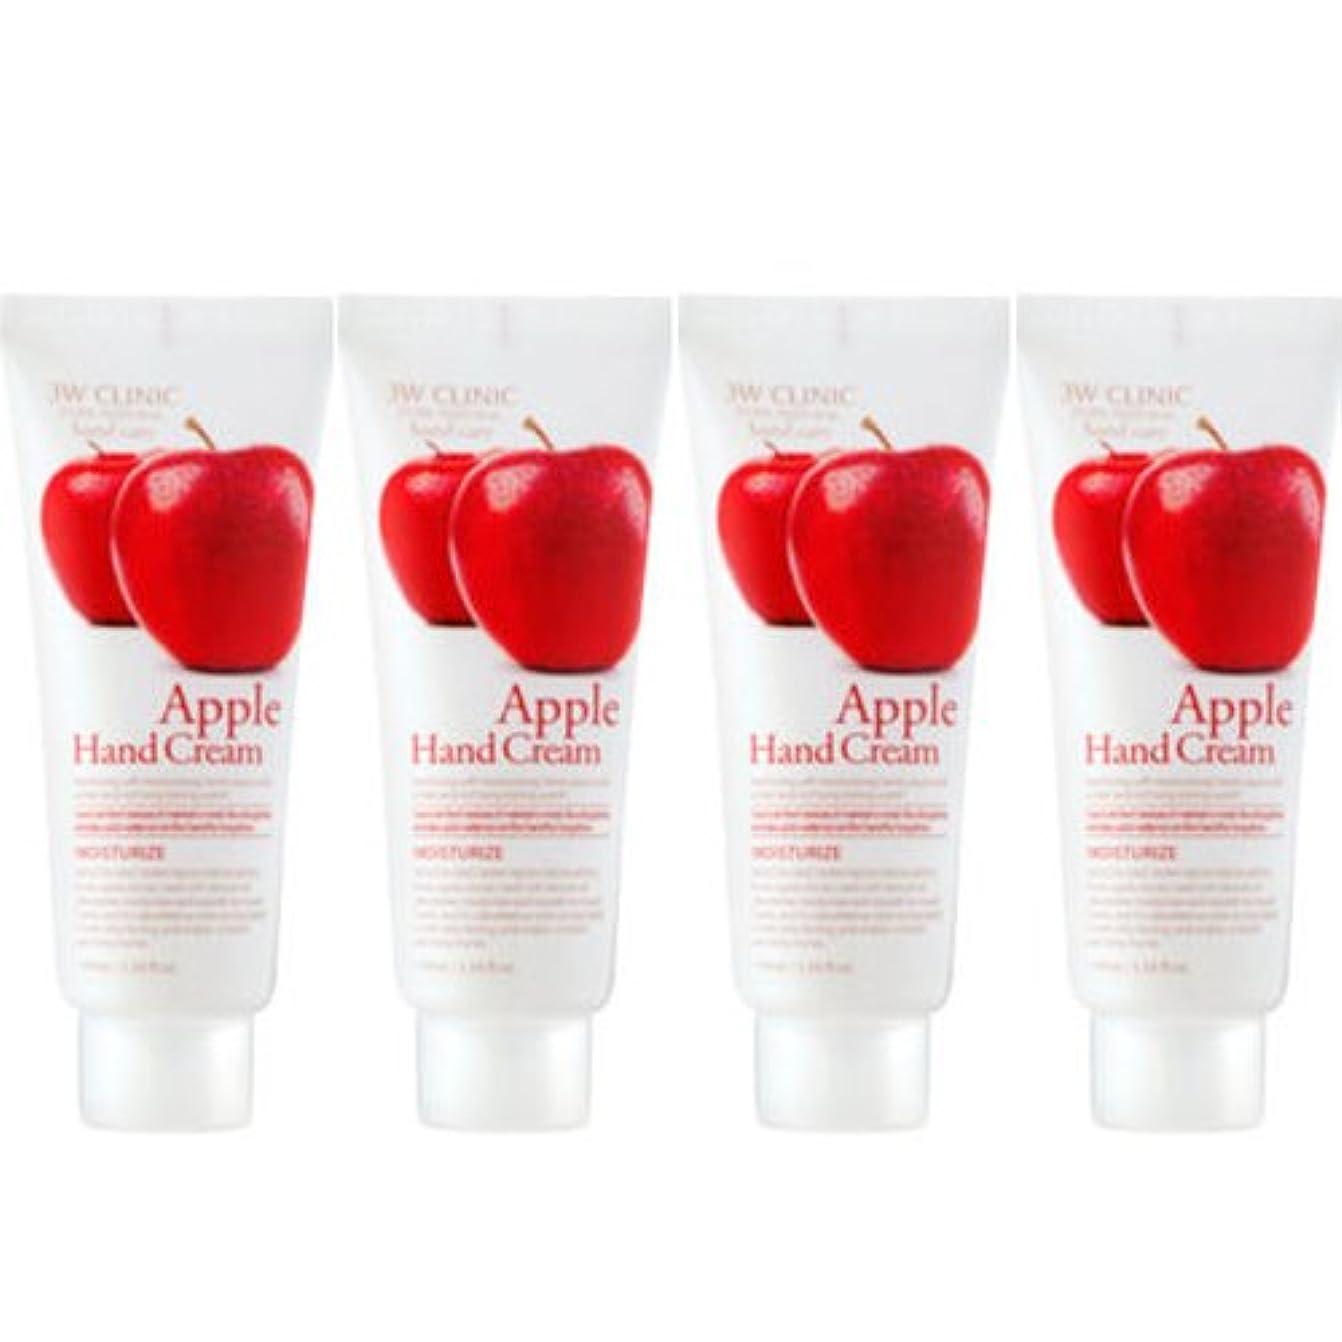 横に舞い上がる全能3w Clinic[韓国コスメARRAHAN]Moisturizing Apple Hand Cream モイスチャーリングリンゴハンドクリーム100mlX4個 [並行輸入品]